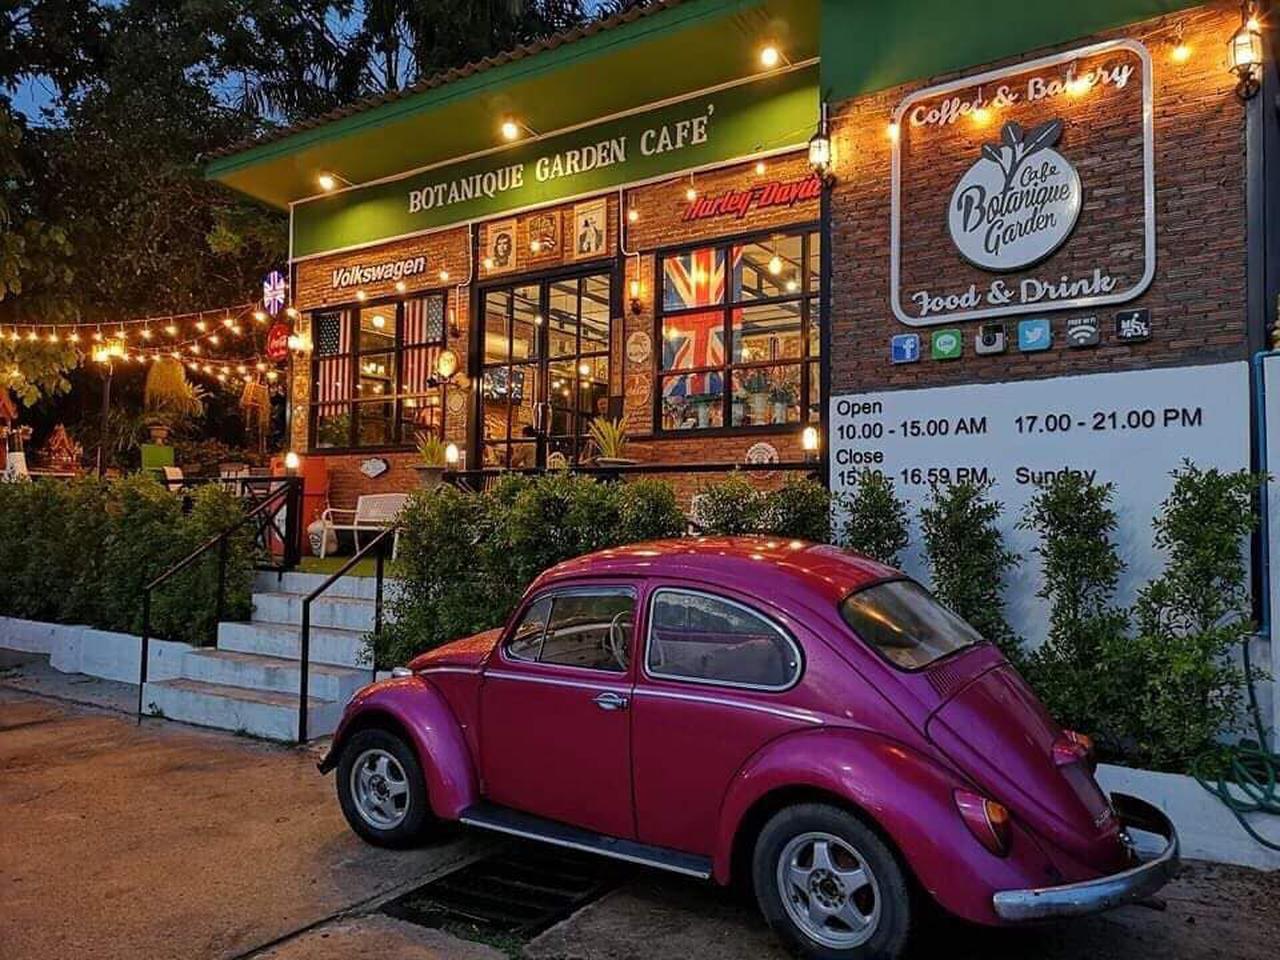 ขายกิจการร้านกาแฟ ร้านสวย บรรยากาศดี แหล่งท่องเที่ยว ลำปาง รูปที่ 5